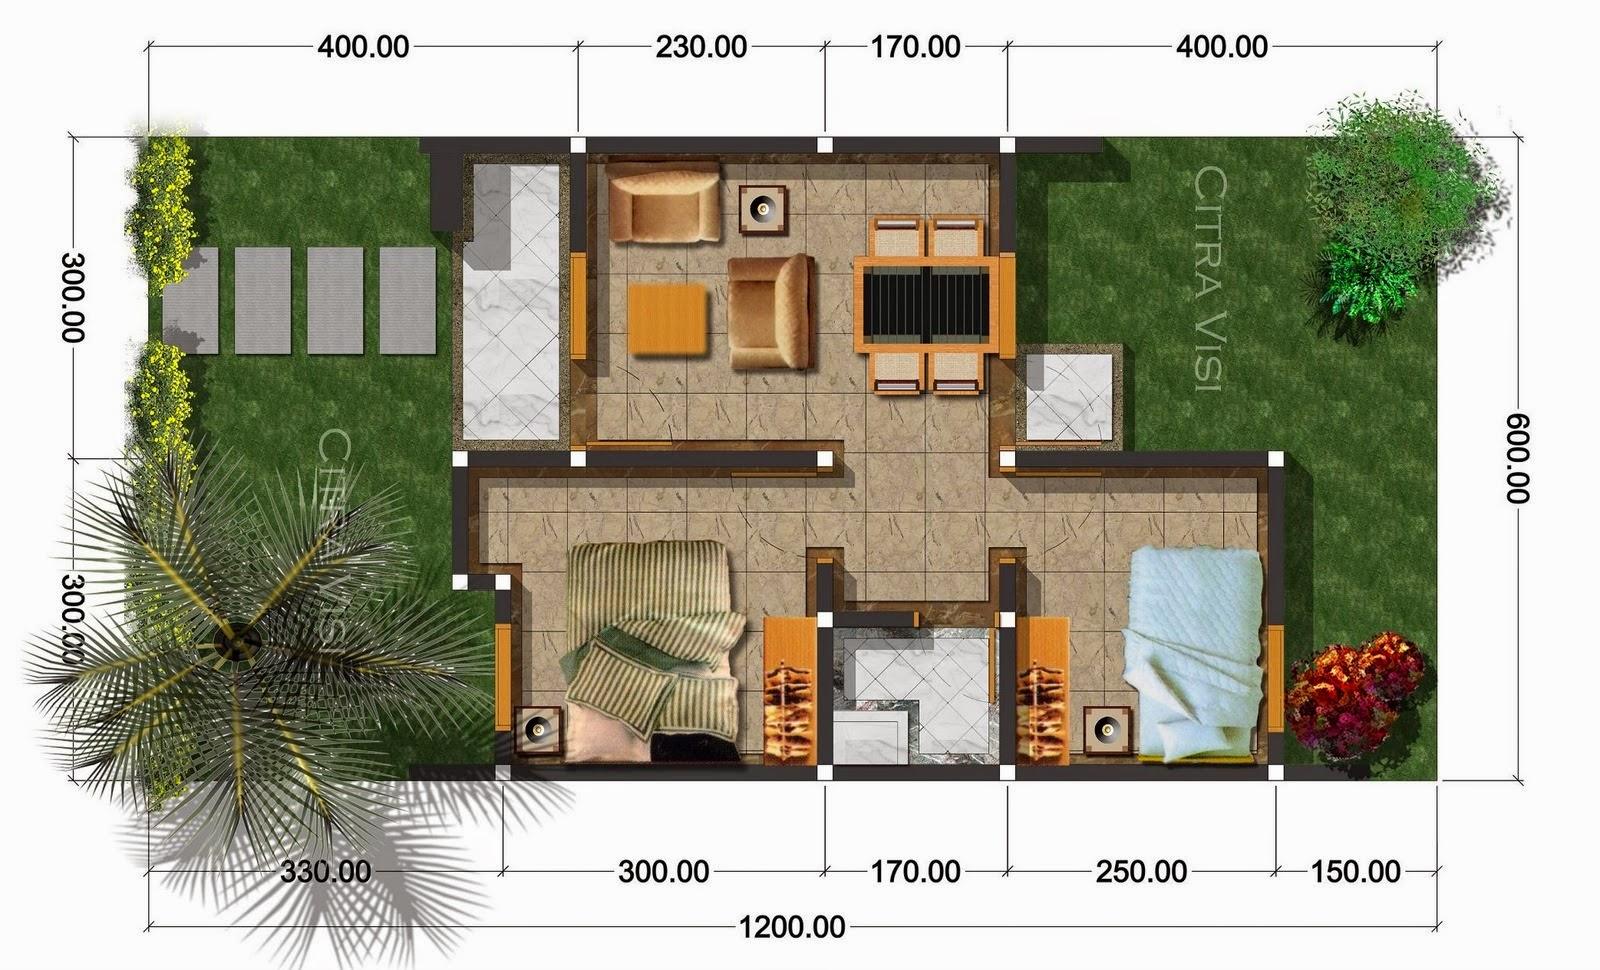 Desain Rumah Minimalis 2 Lantai Type 36 90 Foto Desain Rumah